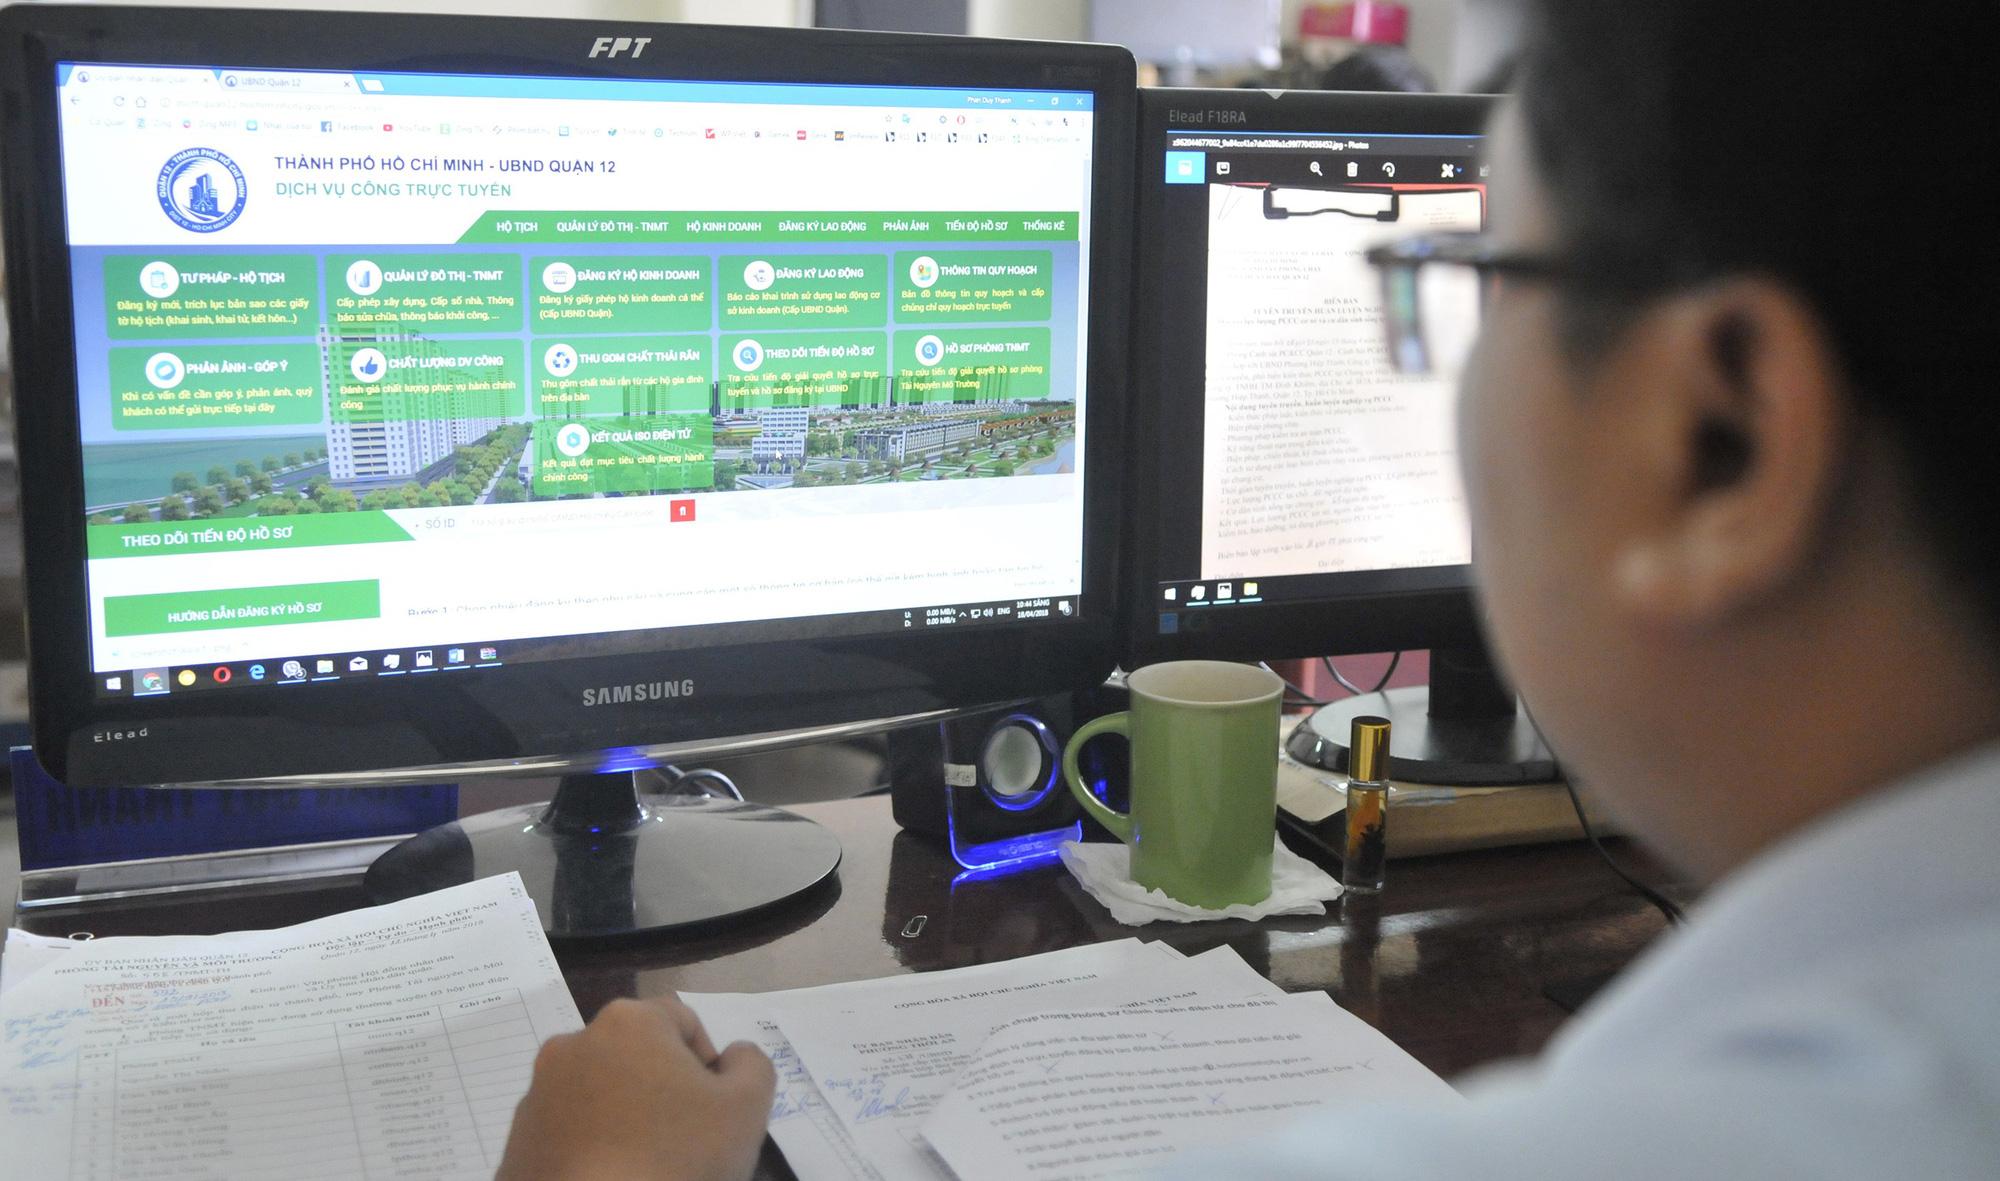 Kinh tế ASEAN sẽ chậm lại nếu thiếu mạng 5G mà Viettel, Vingroup, FPT đang triển khai - Ảnh 1.